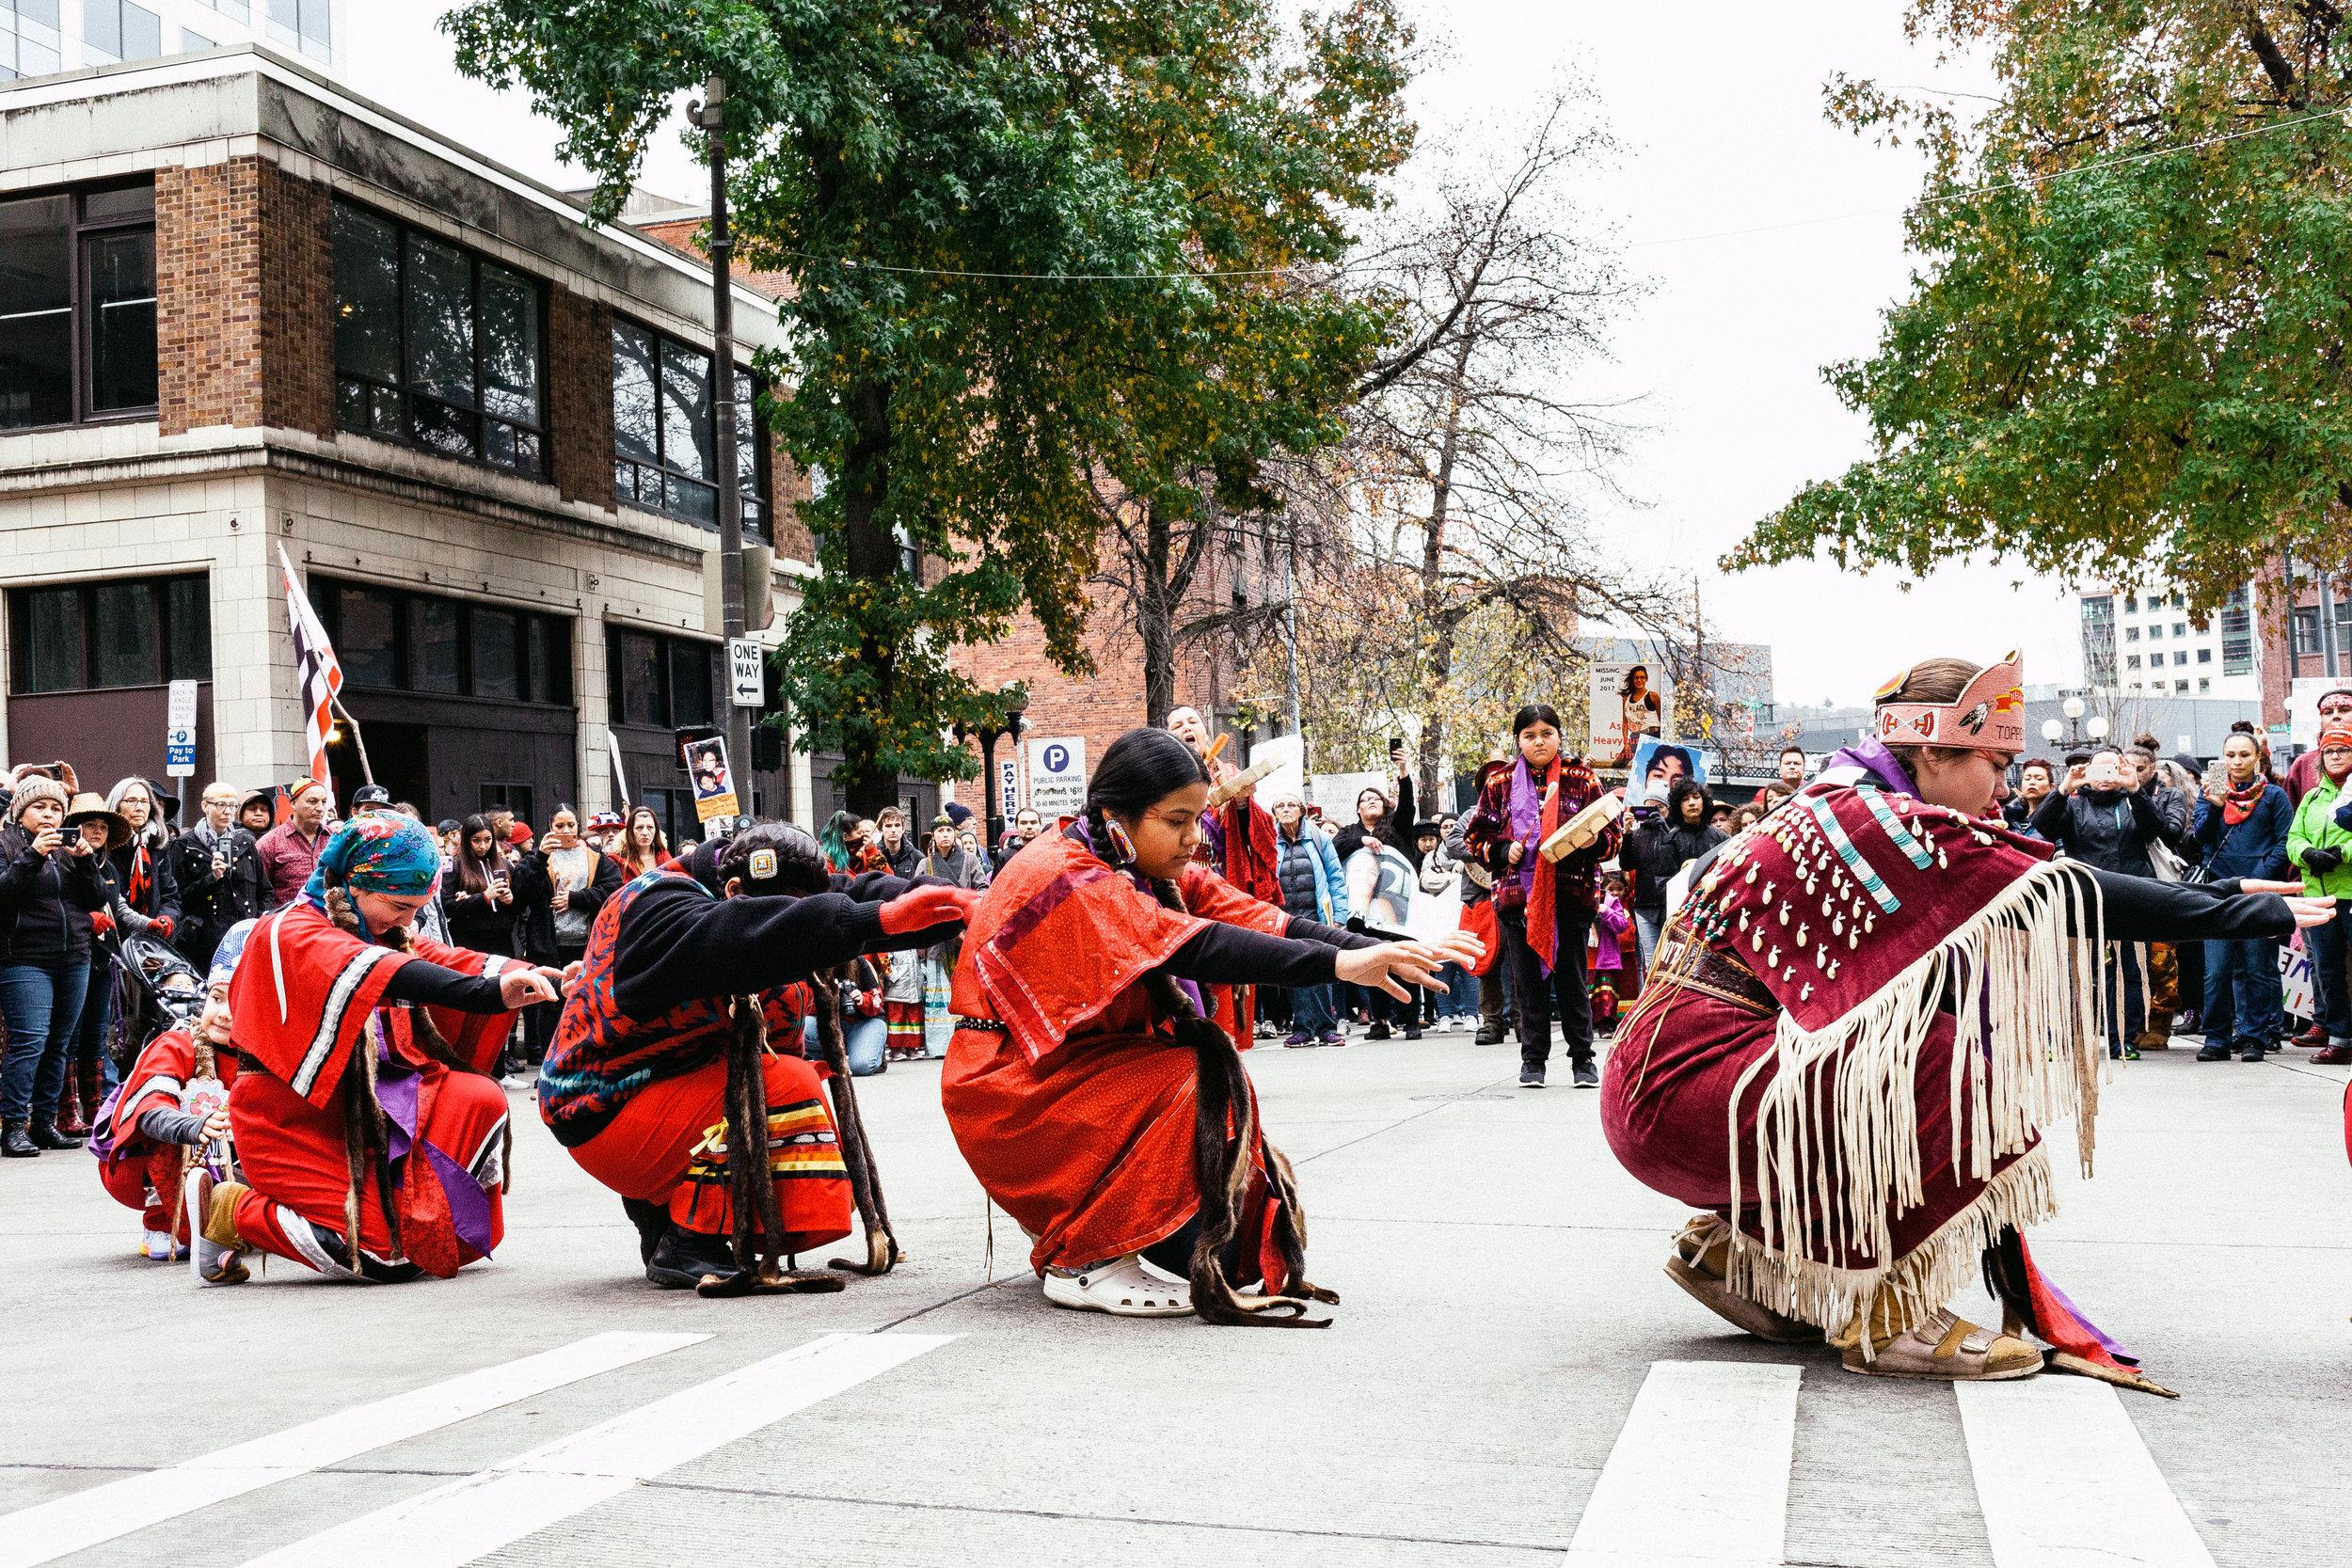 Indigenouswomxnsmarch76.jpg